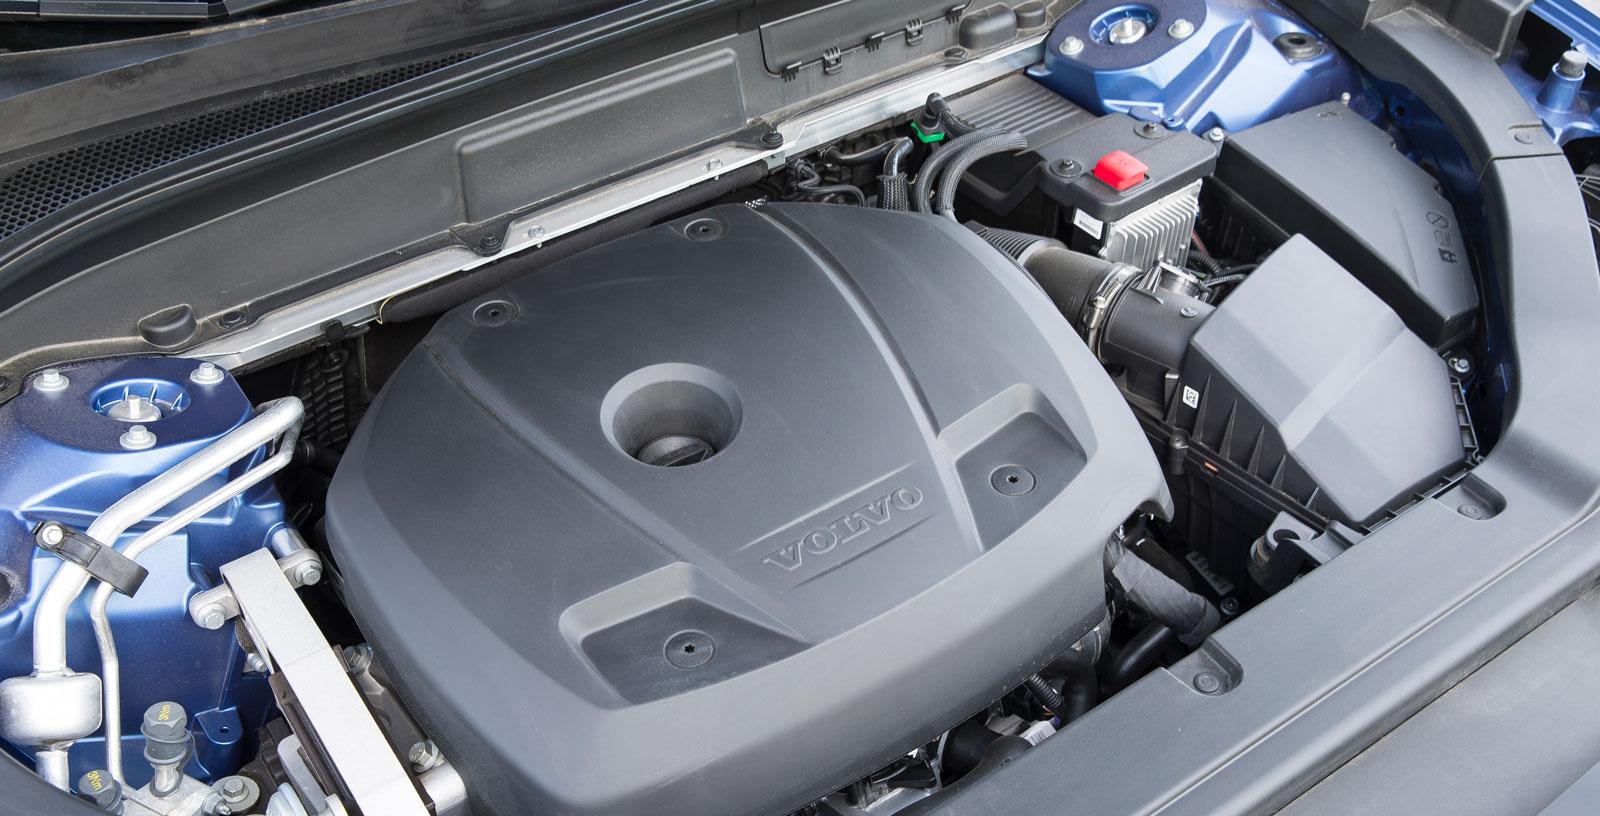 Volvos maskin har rask karaktär och fräsig ton, men drar mest bensin i trion. Ibland hänger en låg växel kvar när en högre vore att föredra.